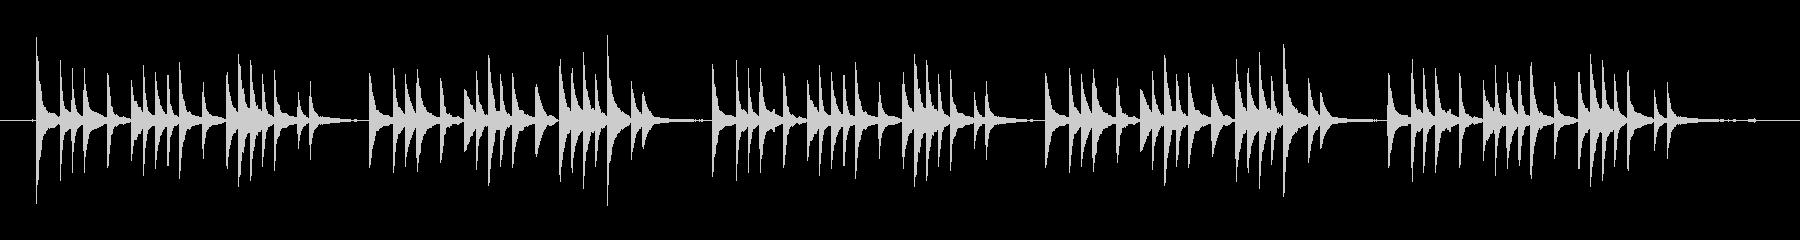 神秘的で奇妙な陰鬱感漂うサティのピアノ曲の未再生の波形